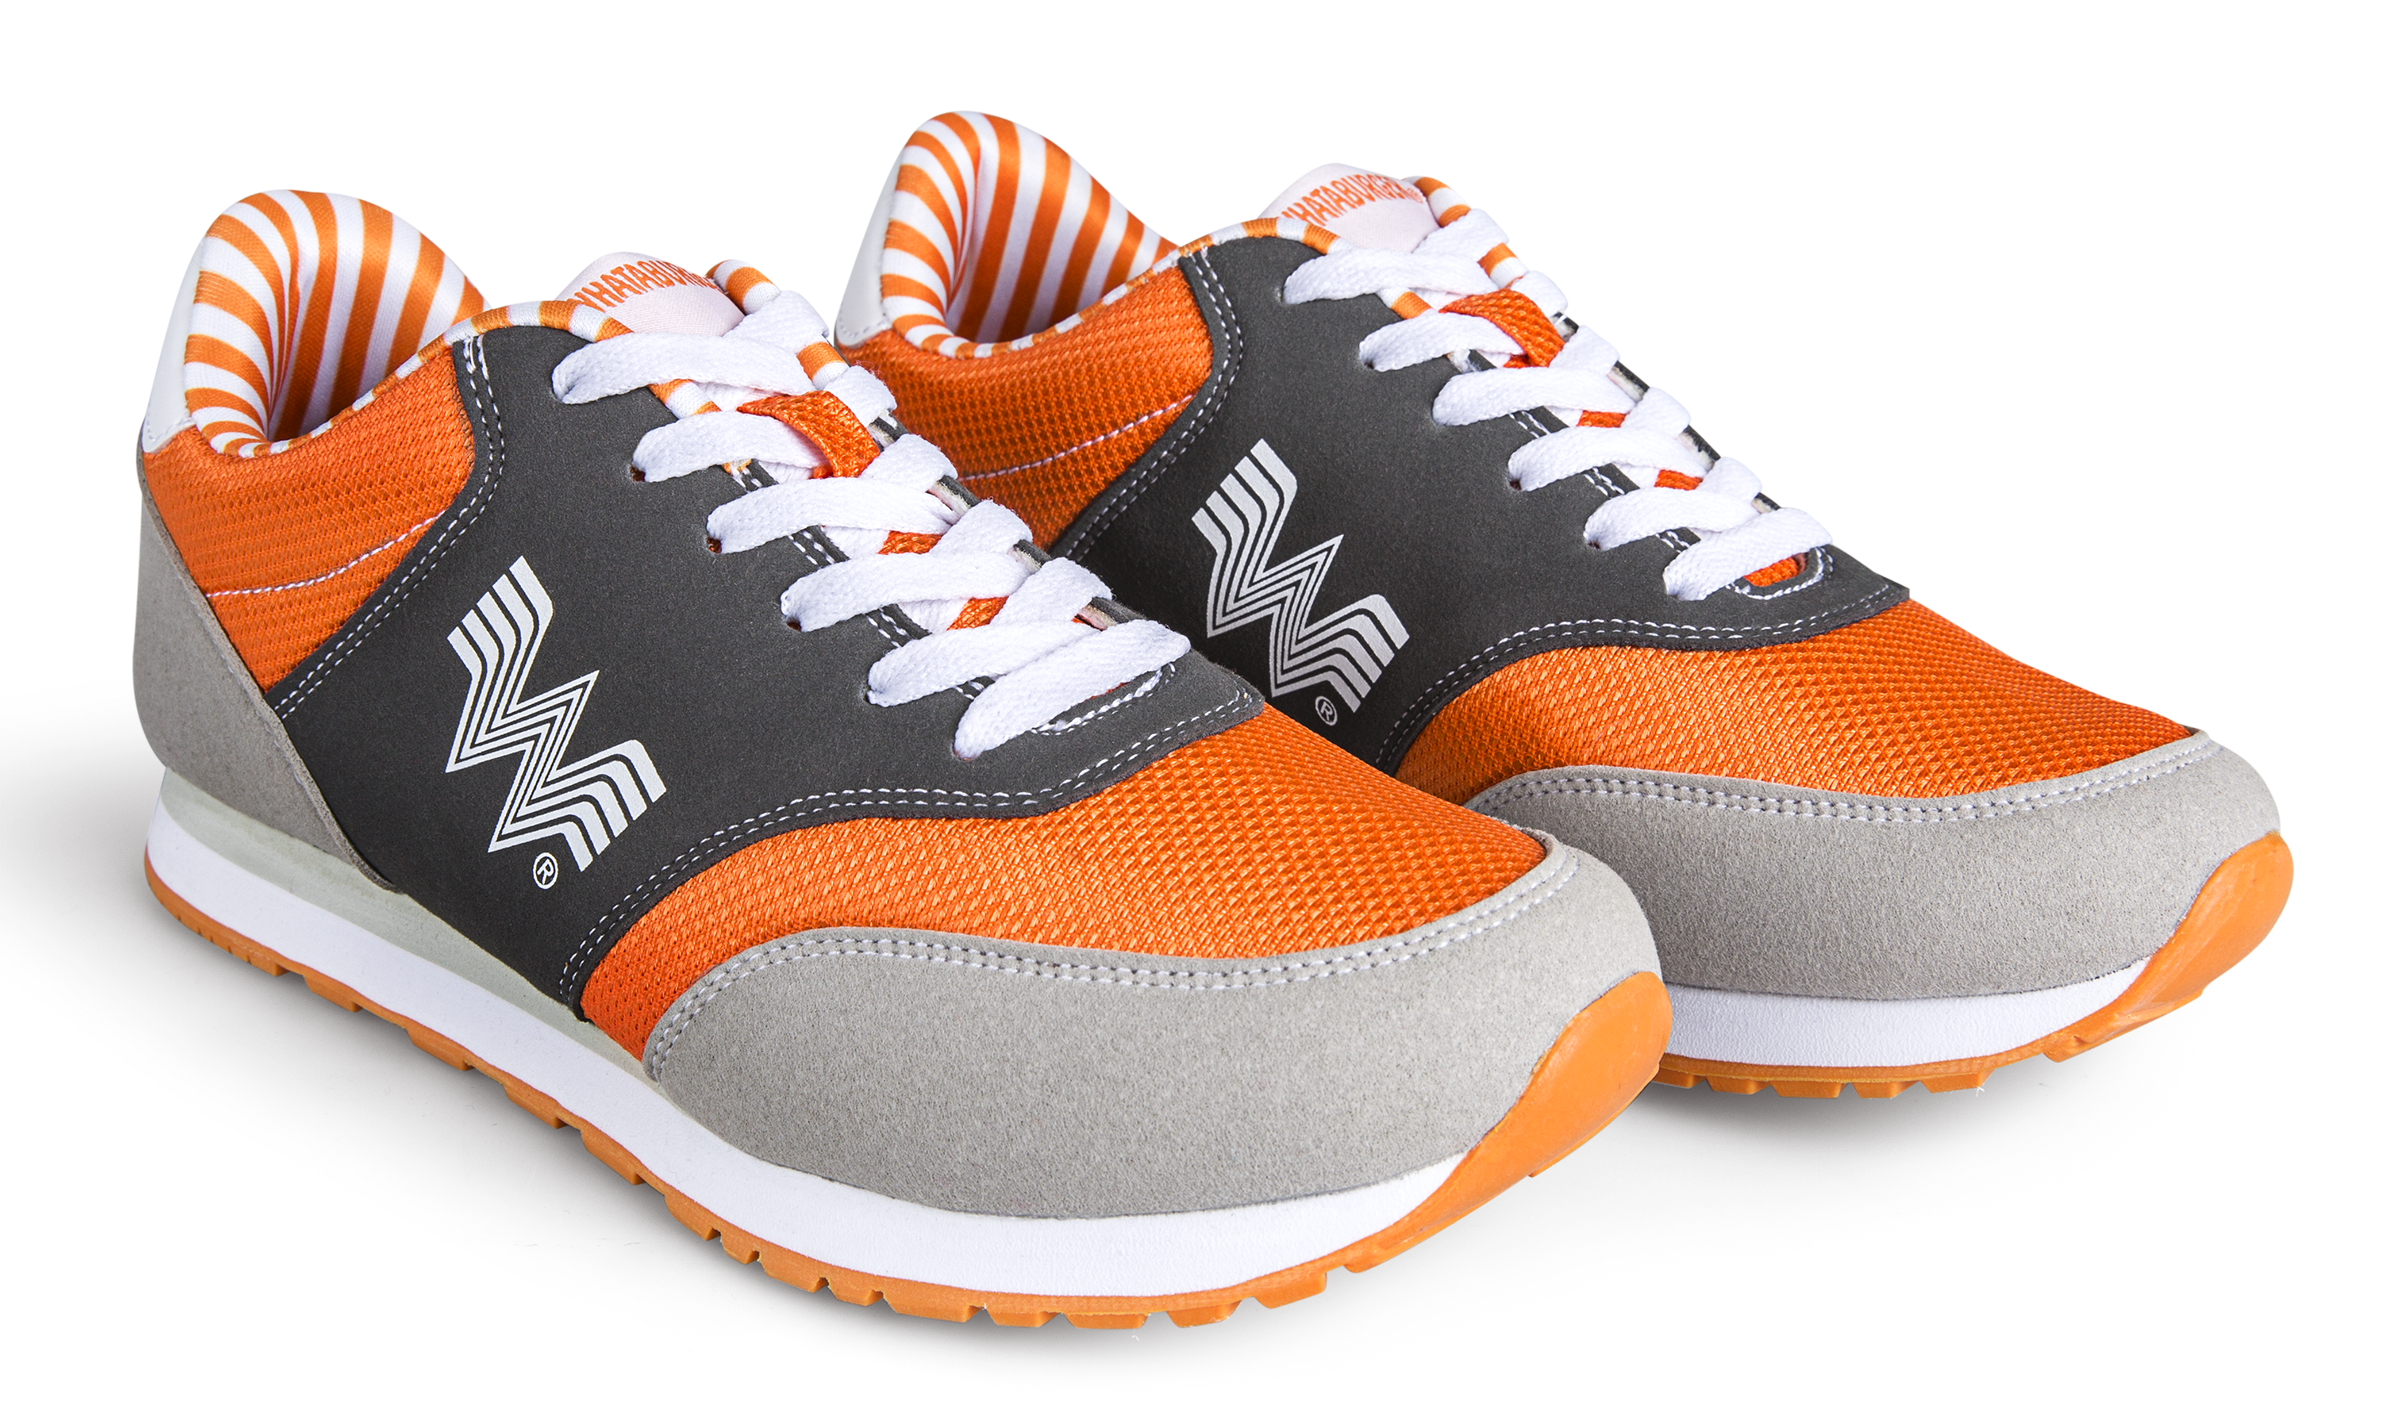 Whataburger's running sneakers